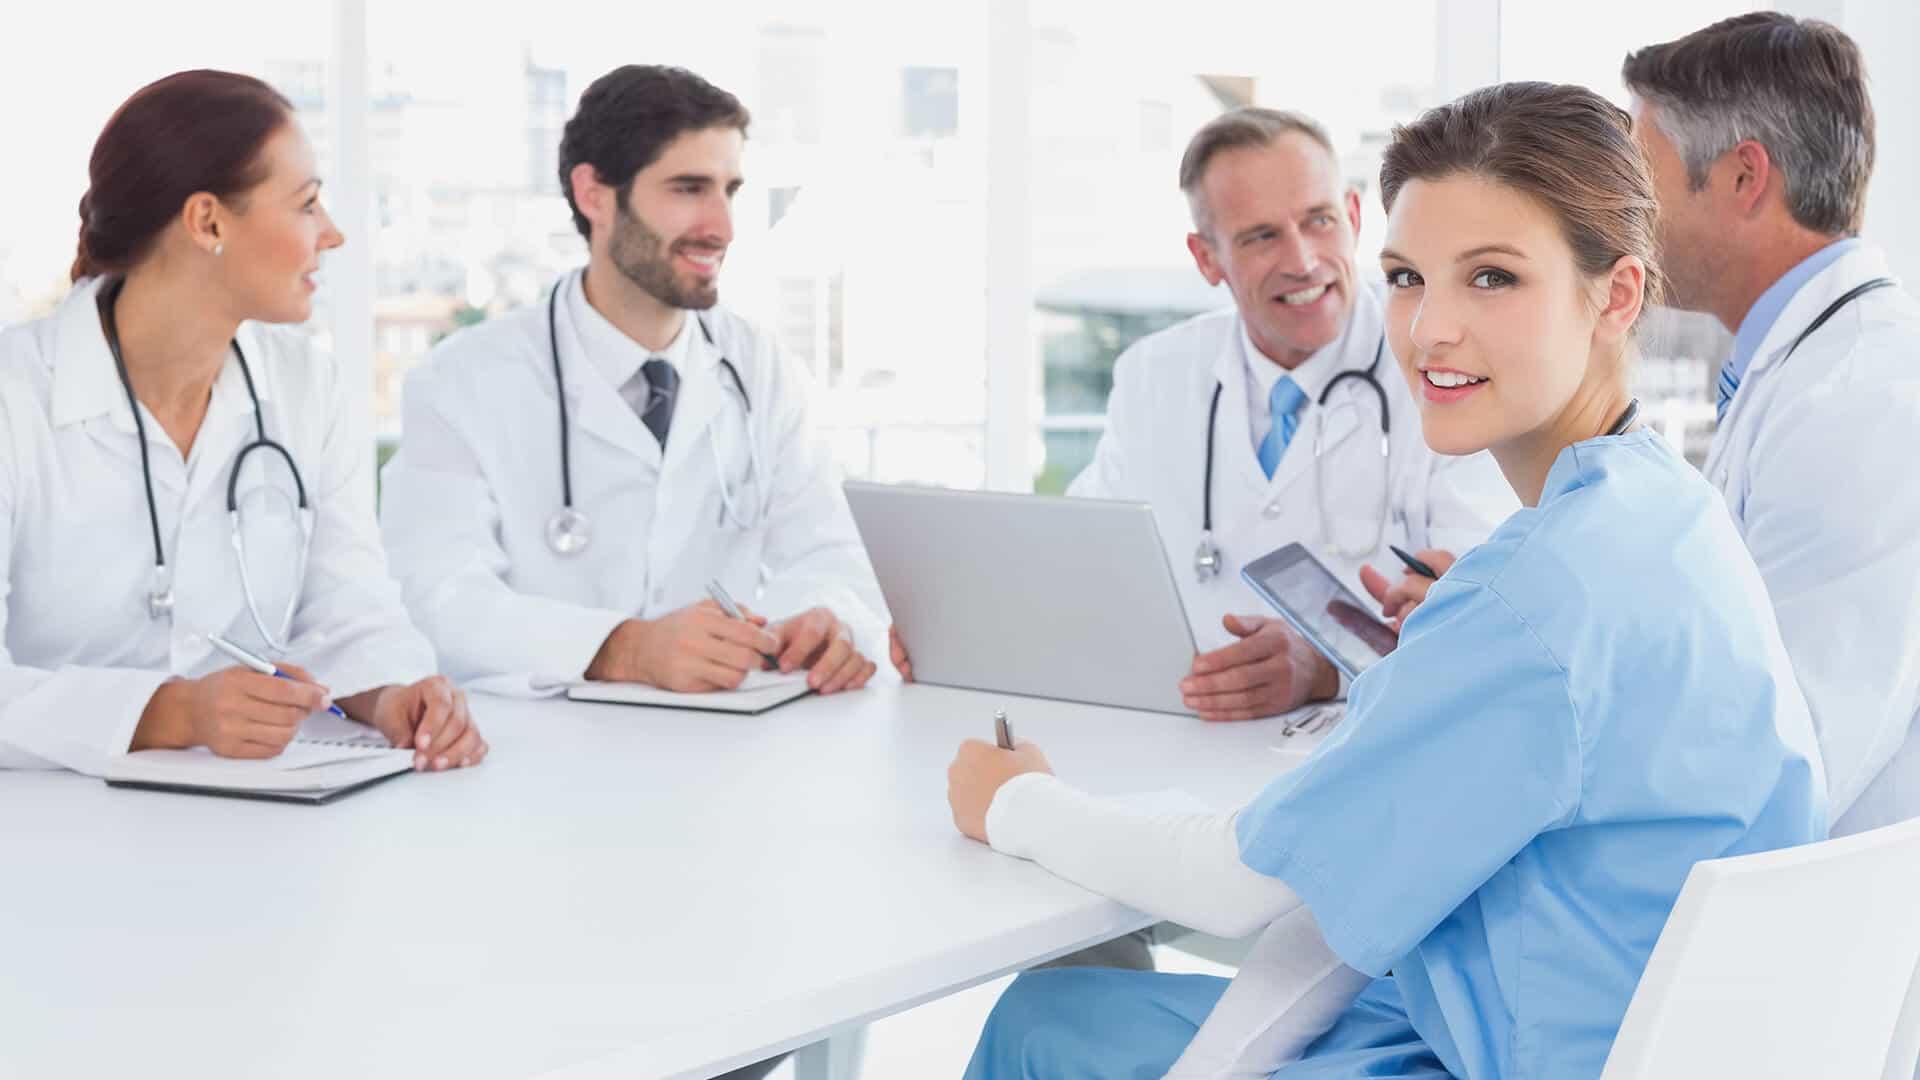 активный отдых с доктором знакомство